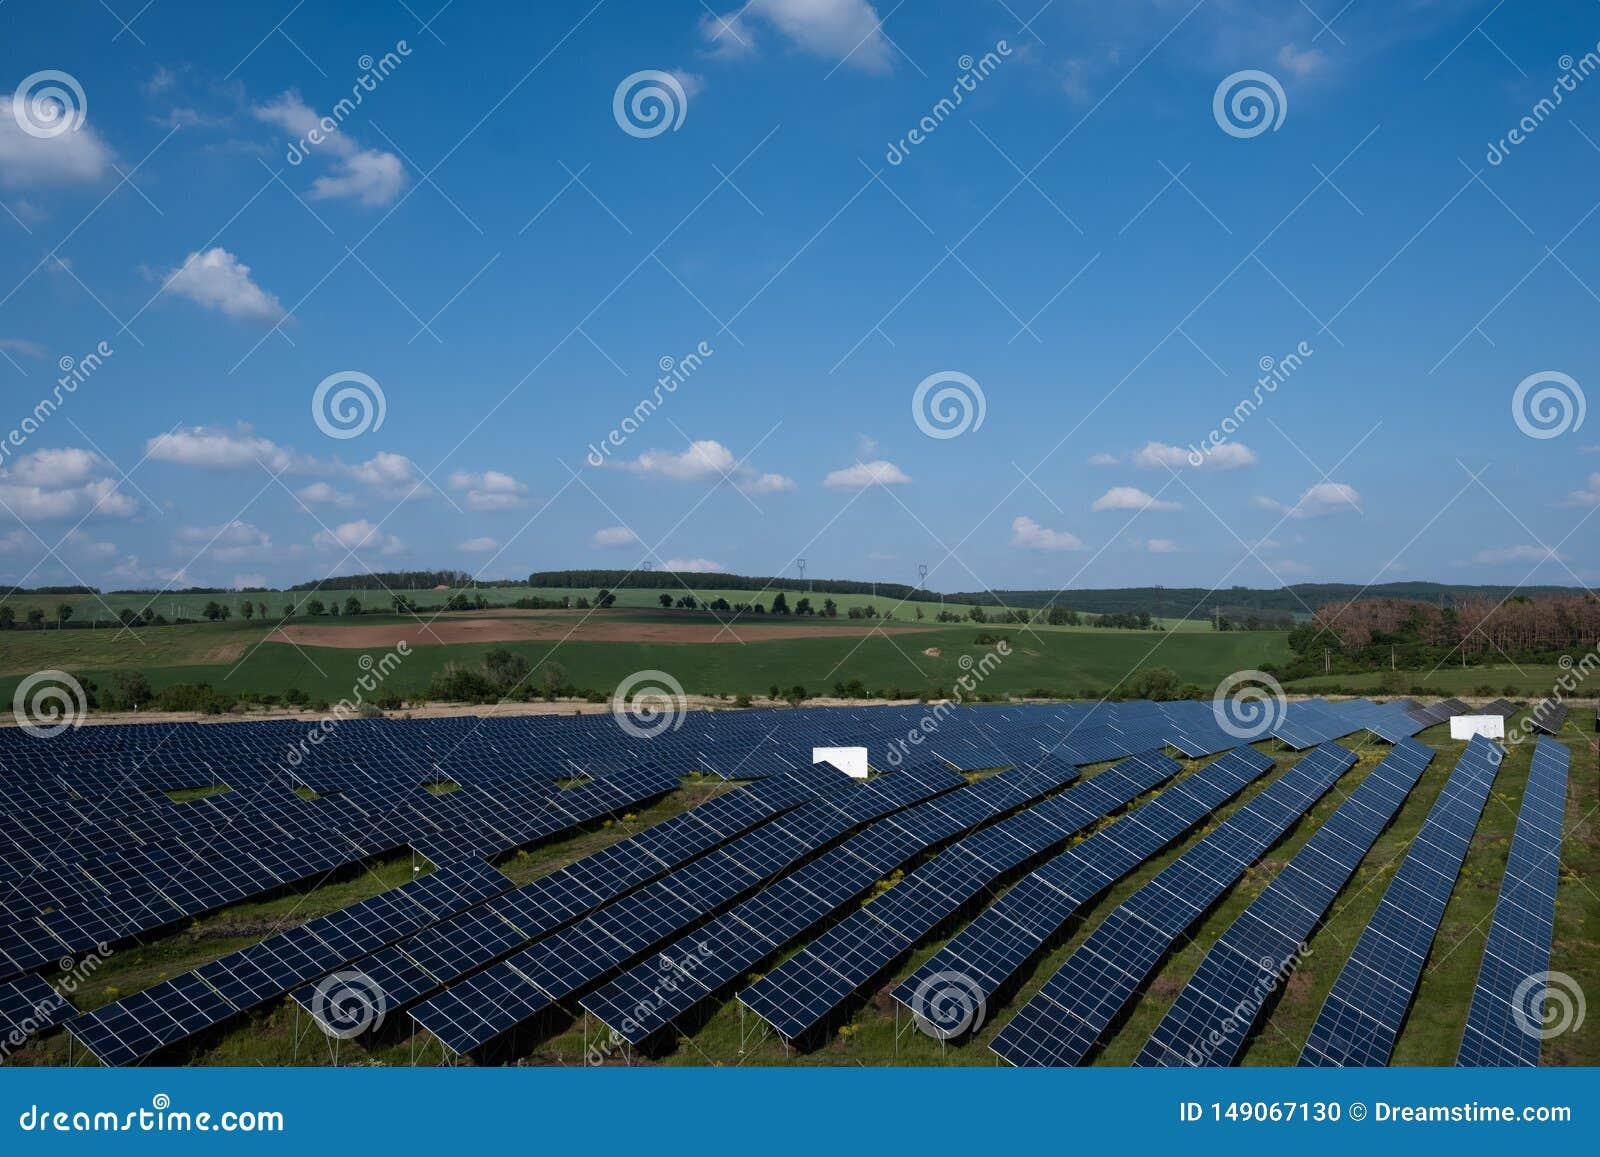 Zonnepanelen in het platteland